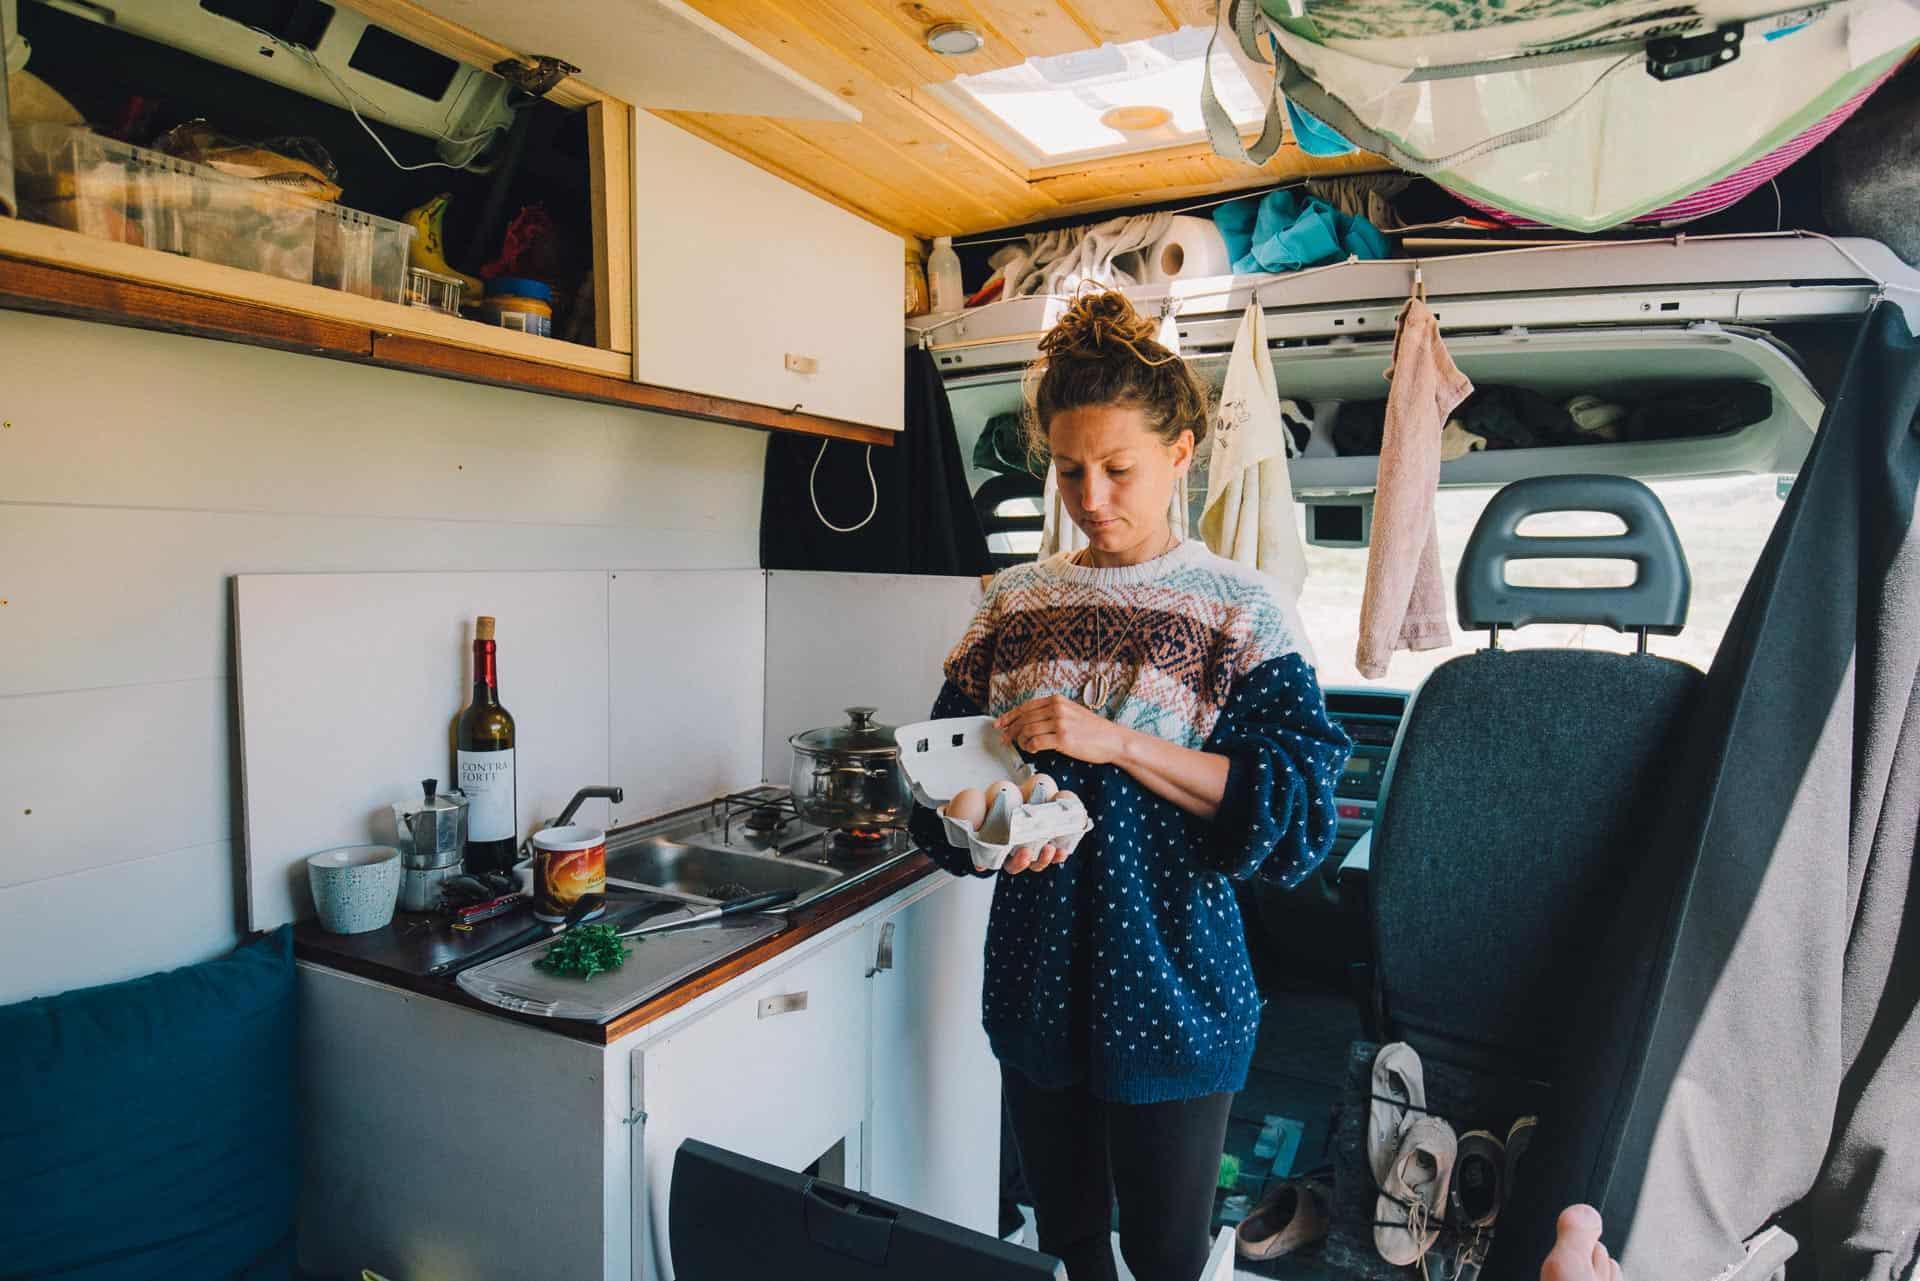 DIY Bauanleitung: Indoor Camper Küche - Mein CamperAusbau